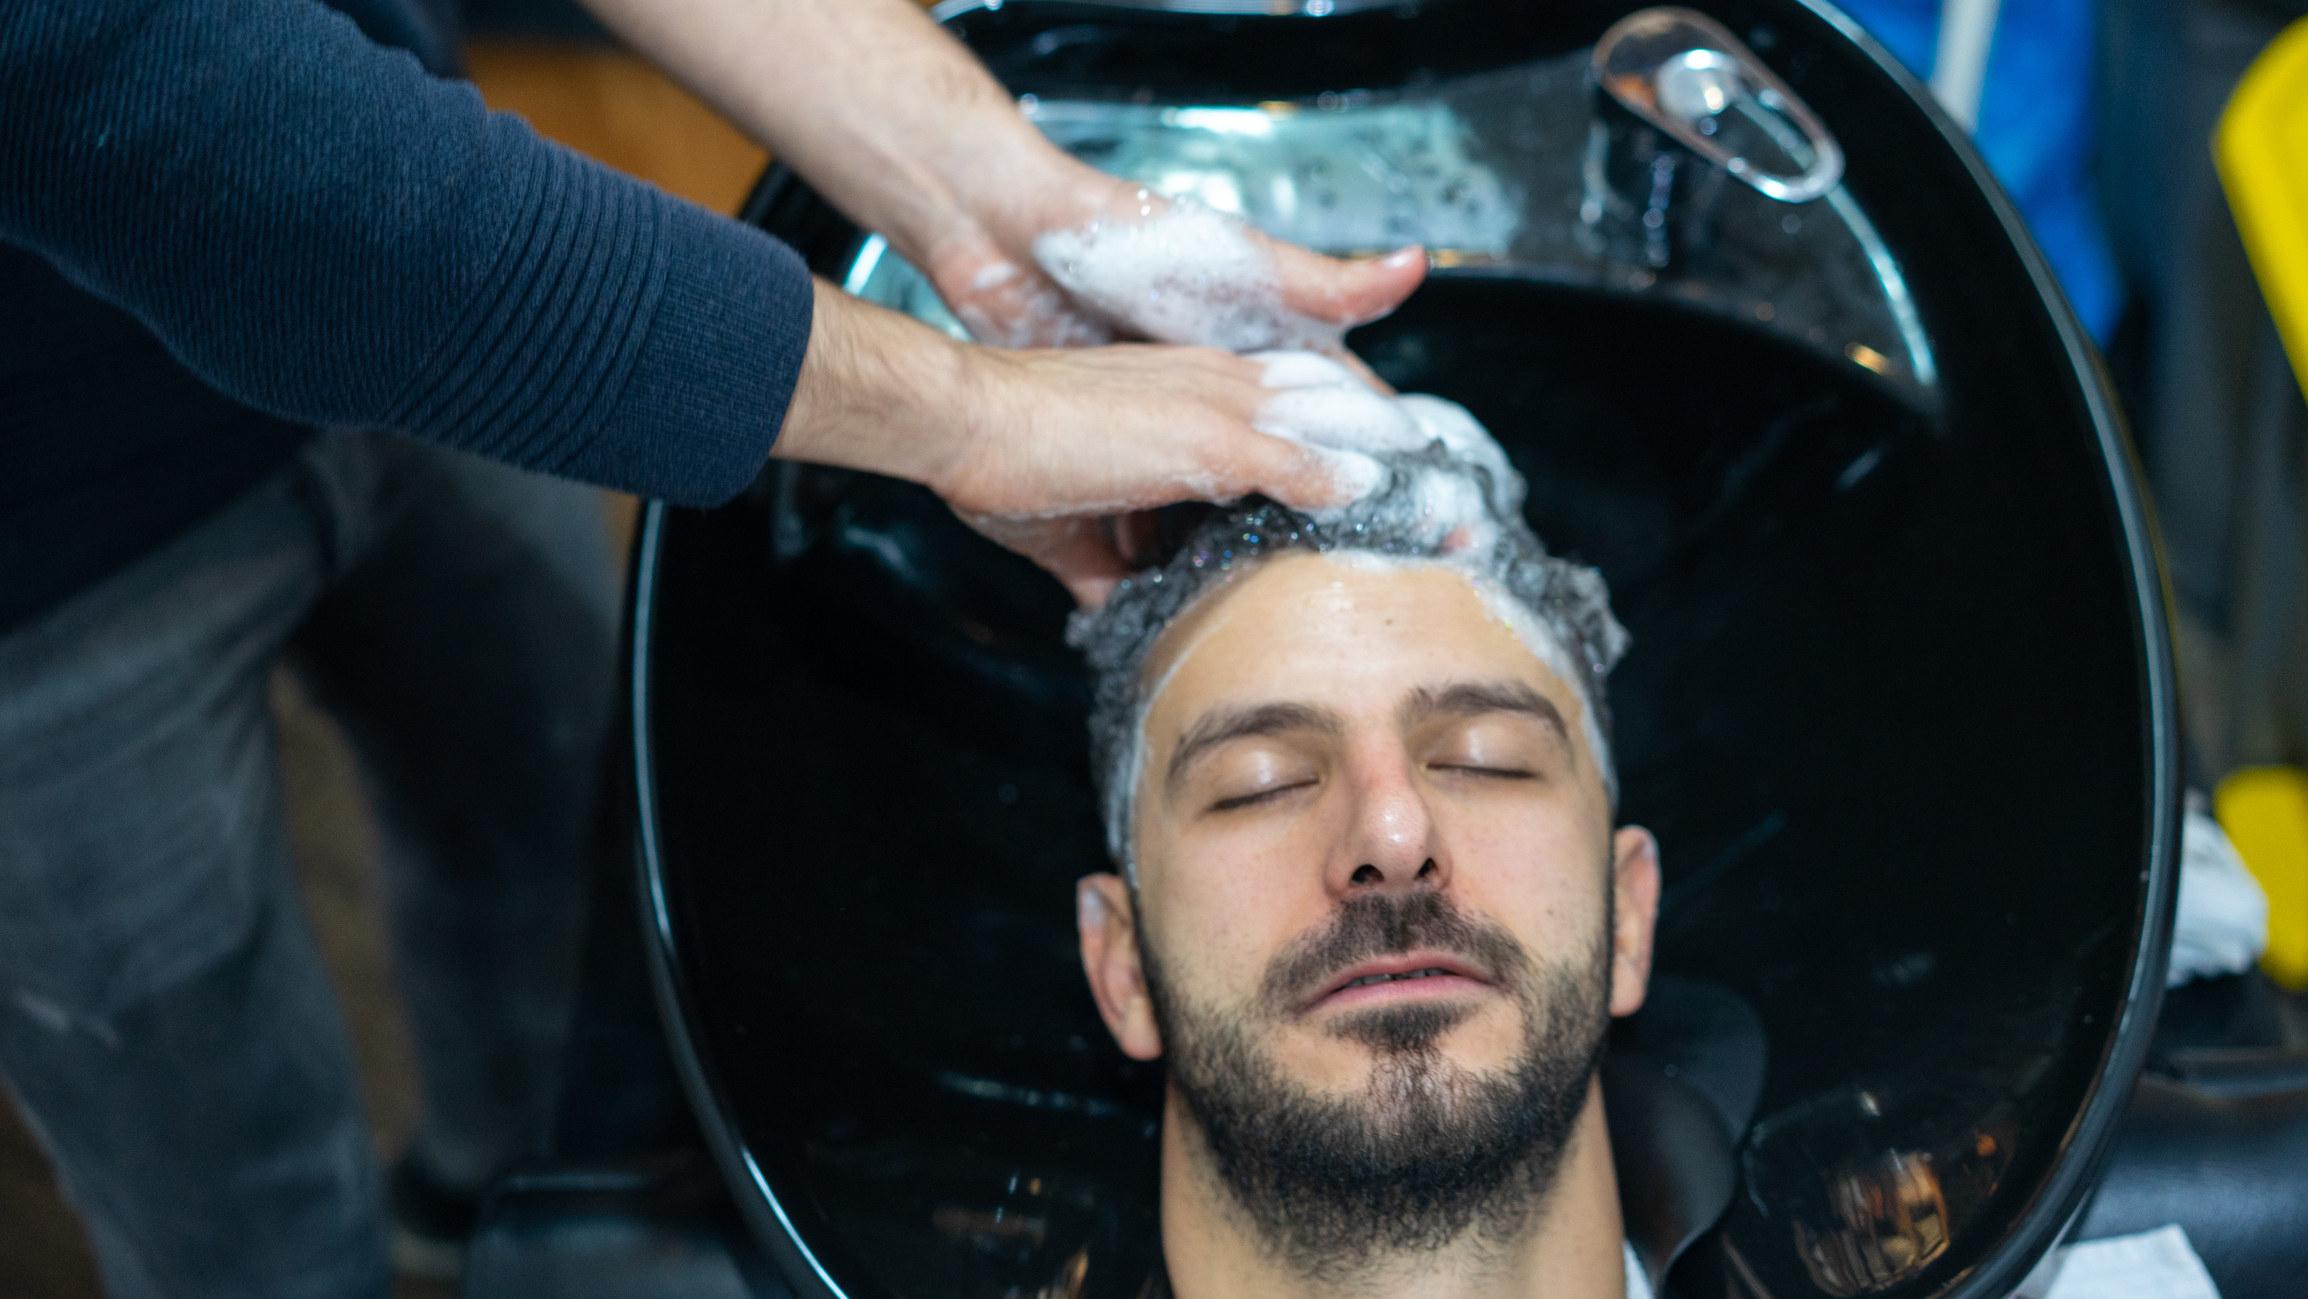 A man receiving a shampoo from a salon worker